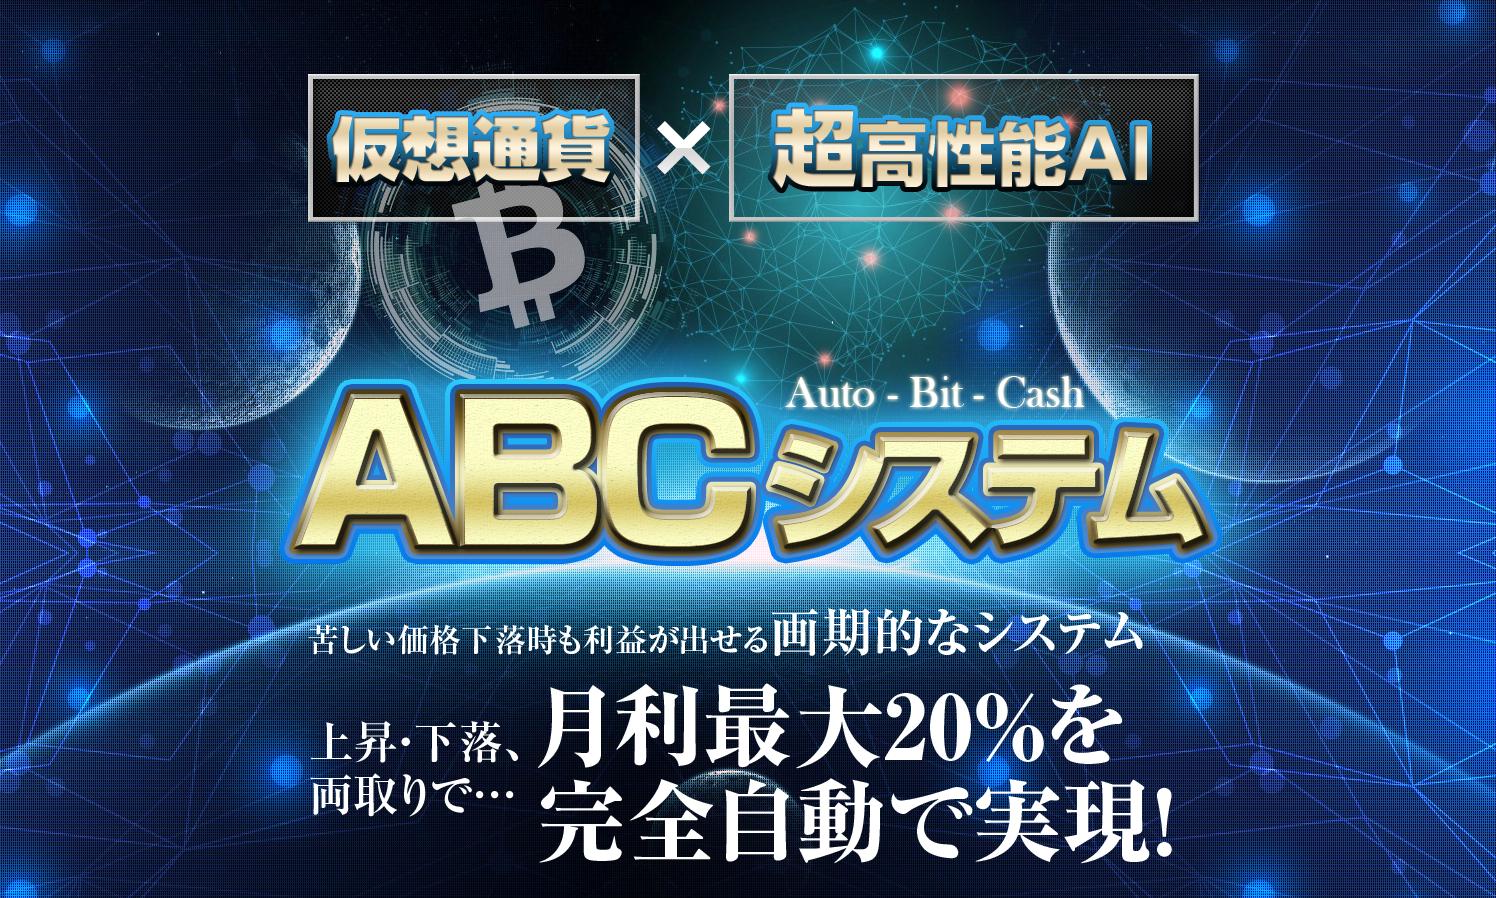 ABCシステム